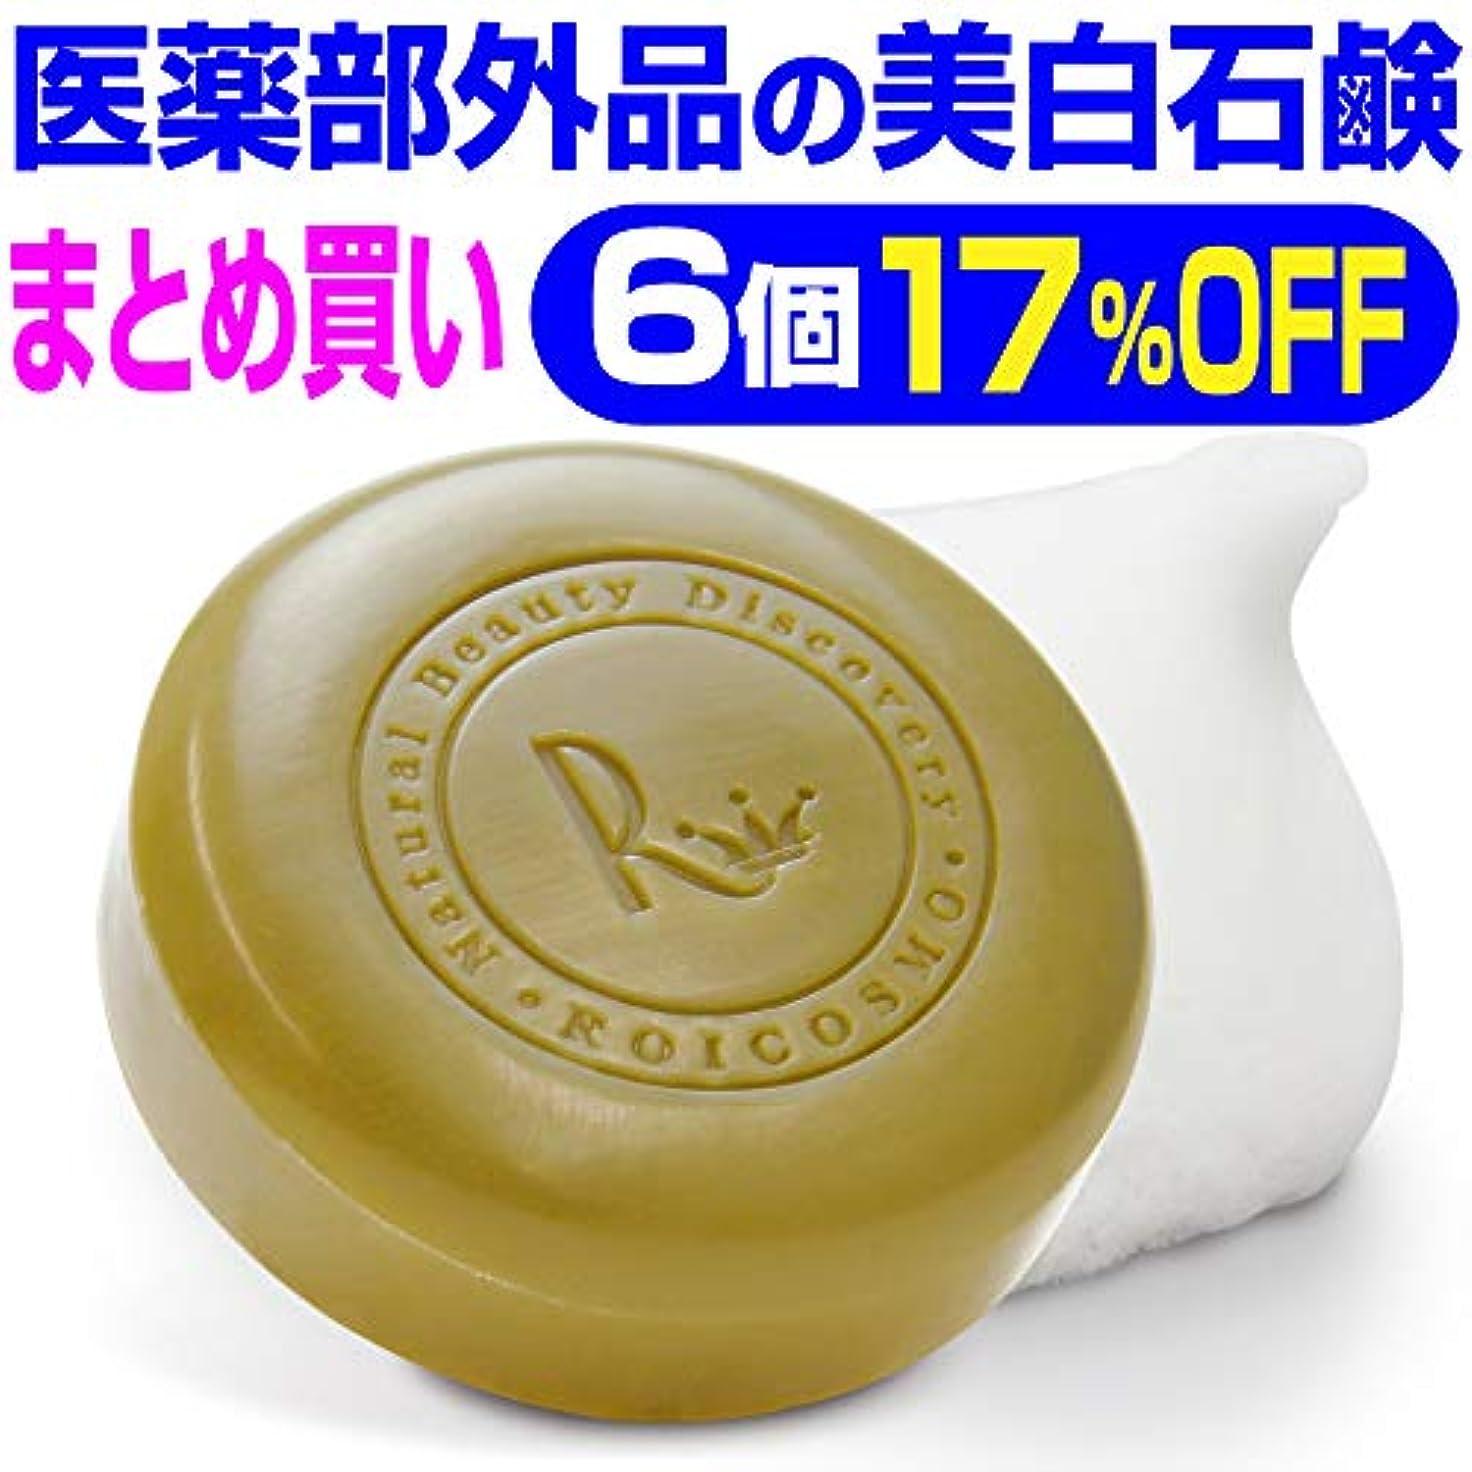 へこみと遊ぶ圧縮6個まとめ買い17%OFF 美白石鹸/ビタミンC270倍の美白成分配合の 洗顔石鹸『ホワイトソープ100g×6個』